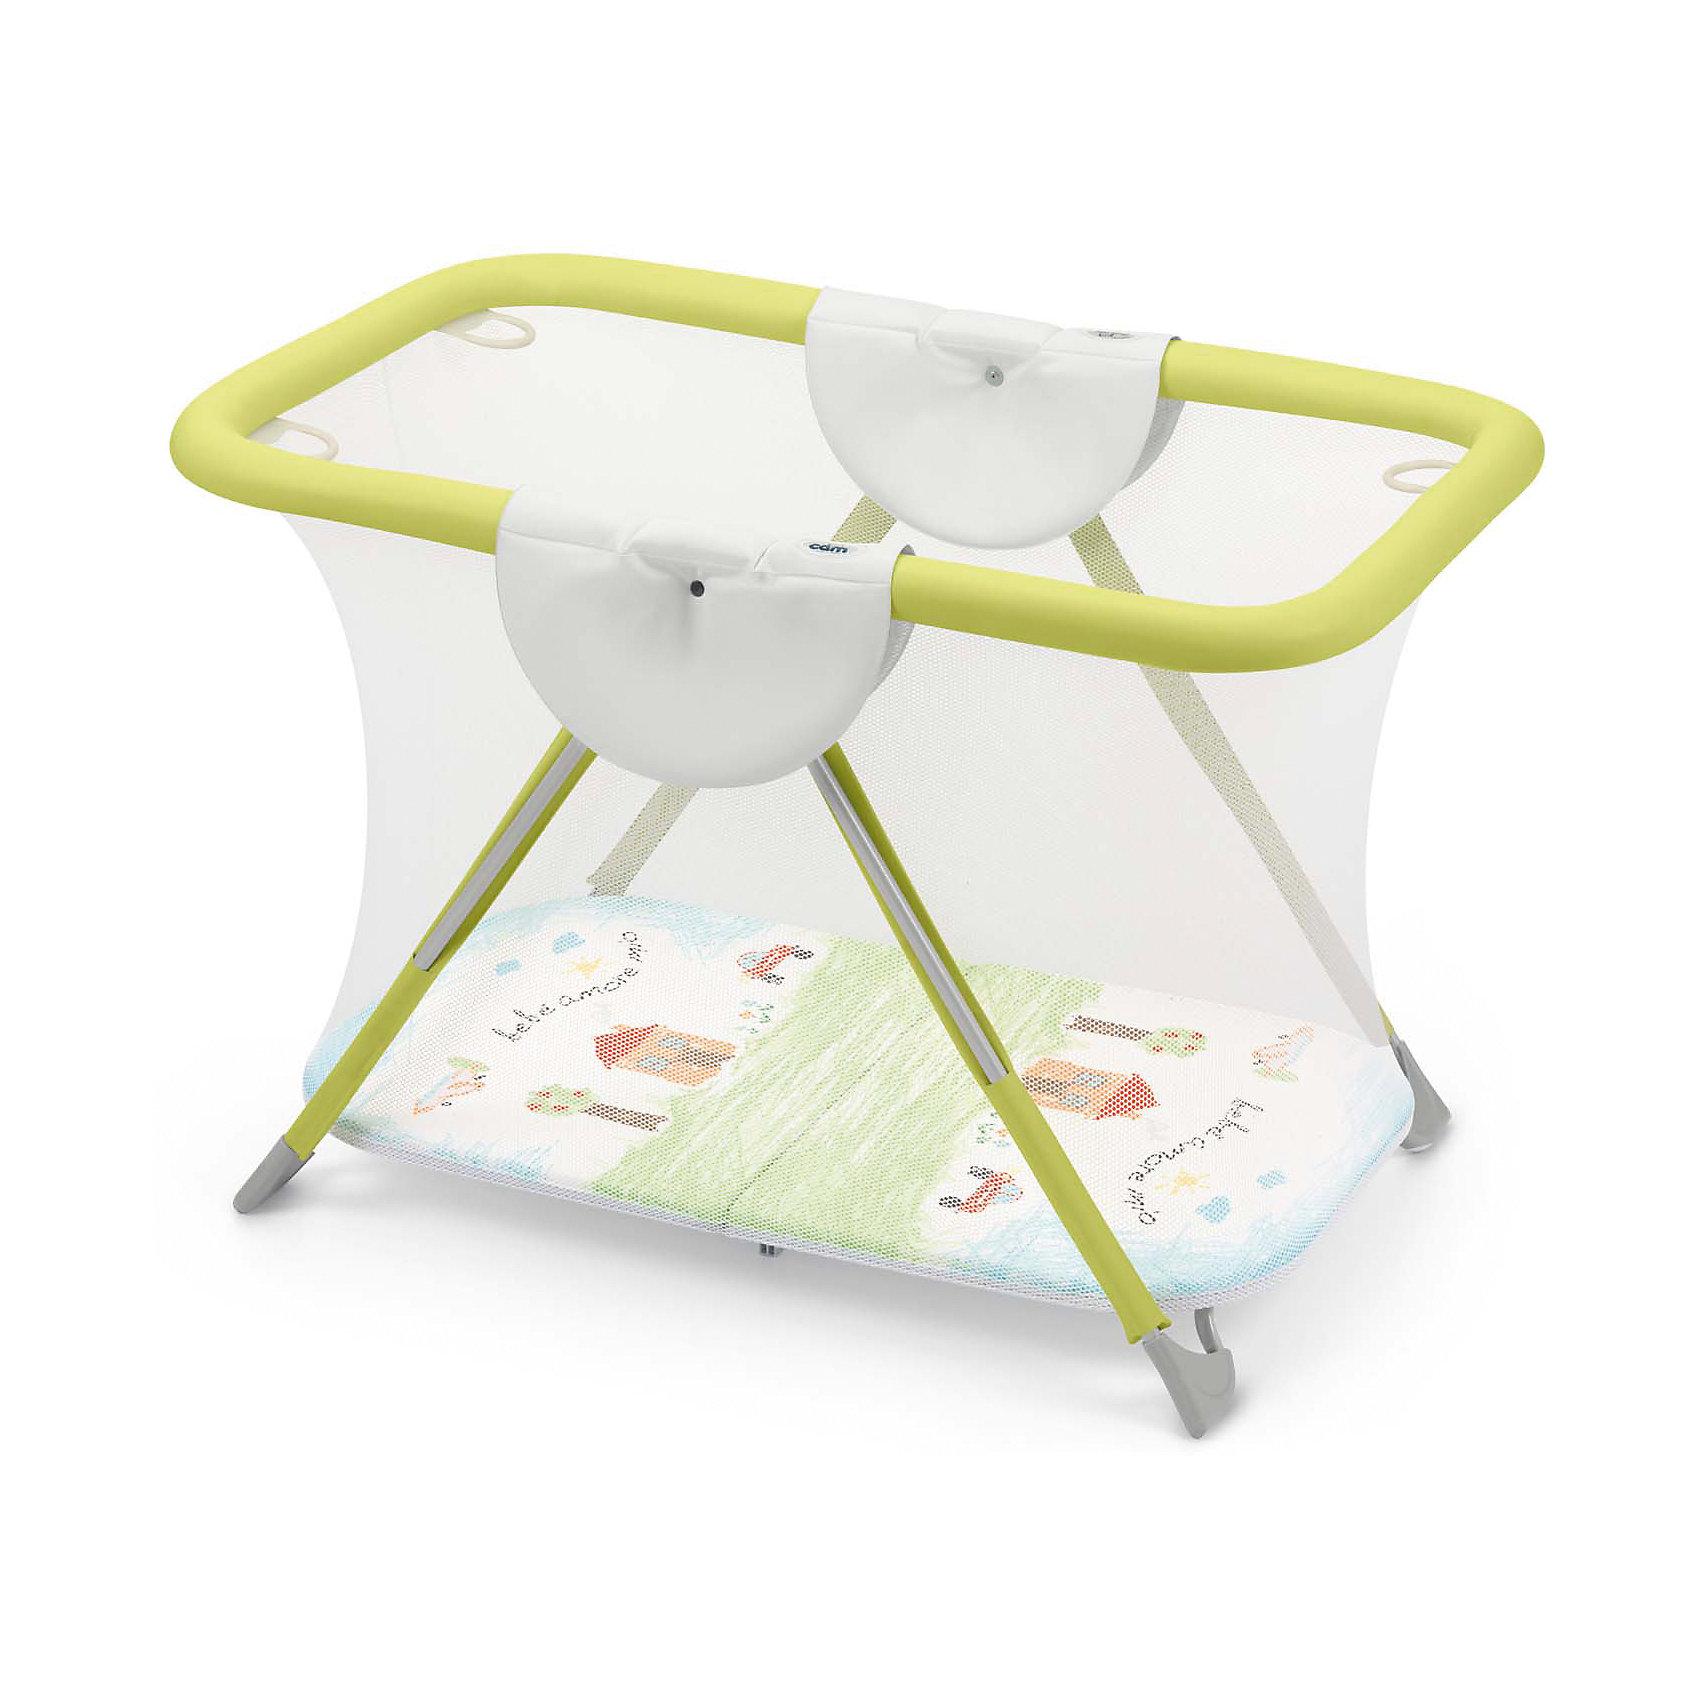 Игровой манеж Brevettato Bebe amore mio, CAMИгровые манежи<br>Манеж - отличный способ организовать игровое пространство крохи, пока мама занята. Манеж Brevettato имеет устойчивую конструкцию. Надежное и крепкое дно, мягкие бортики, прочный механизм складывания гарантируют безопасность вашего малыша. Модель оснащена 4 ручками, за которые ребенок сможет держаться и подтягиваться. Манеж выполнены из высококачественных нетоксичных материалов безопасных для детей. <br><br>Дополнительная информация:<br><br>- Материал: пластик, текстиль, резина, металл.<br>- Размер манежа: 121 х 76 х 79 см.<br>- Размер в сложенном виде: 25 х 76 х 76 см.<br>- Быстро и легко складывается книжкой.<br>- 4 ручки.<br><br>Игровой манеж Bebe amore mio, CAM, можно купить в нашем магазине.<br><br>Ширина мм: 790<br>Глубина мм: 220<br>Высота мм: 1000<br>Вес г: 14000<br>Цвет: зеленый<br>Возраст от месяцев: 0<br>Возраст до месяцев: 18<br>Пол: Унисекс<br>Возраст: Детский<br>SKU: 4443768